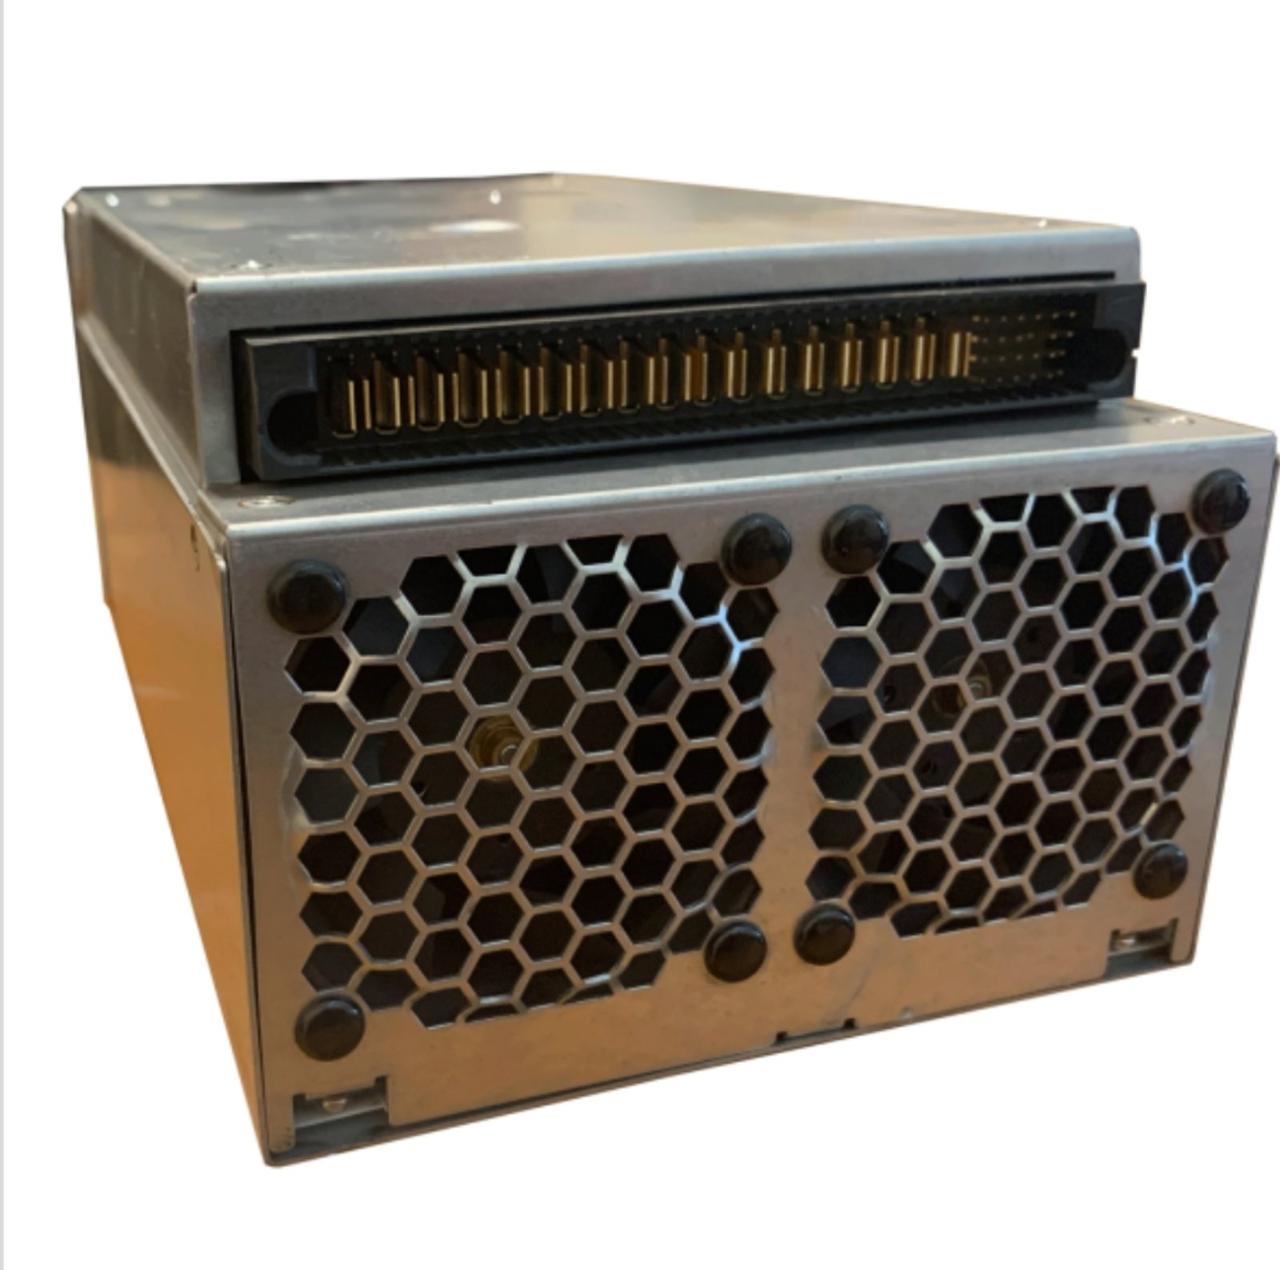 Блок питания для майнинга oem DELL 2100W AHF-2DC-2100W